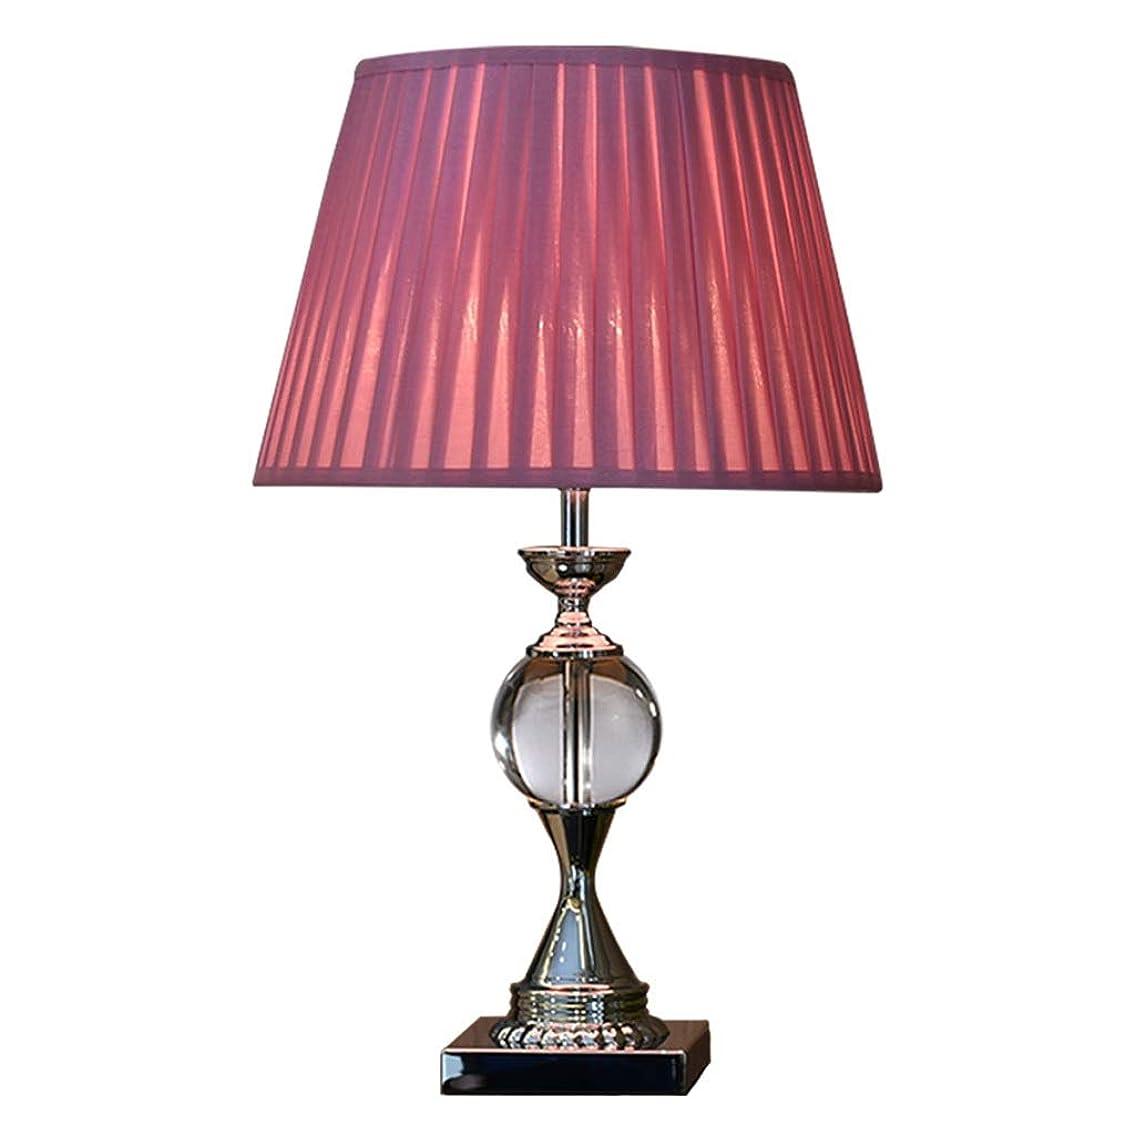 黙ニッケル針ベッドサイドテーブルランプ 伝統的な卓上スタンドシンプルでモダンなクリスタルの卓上スタンド、クリスタルランプボディピンク/ベージュのランプシェード、リビングルーム/ベッドルームのベッドサイドに最適 ベッドルーム、オフィス (Color : Pink)